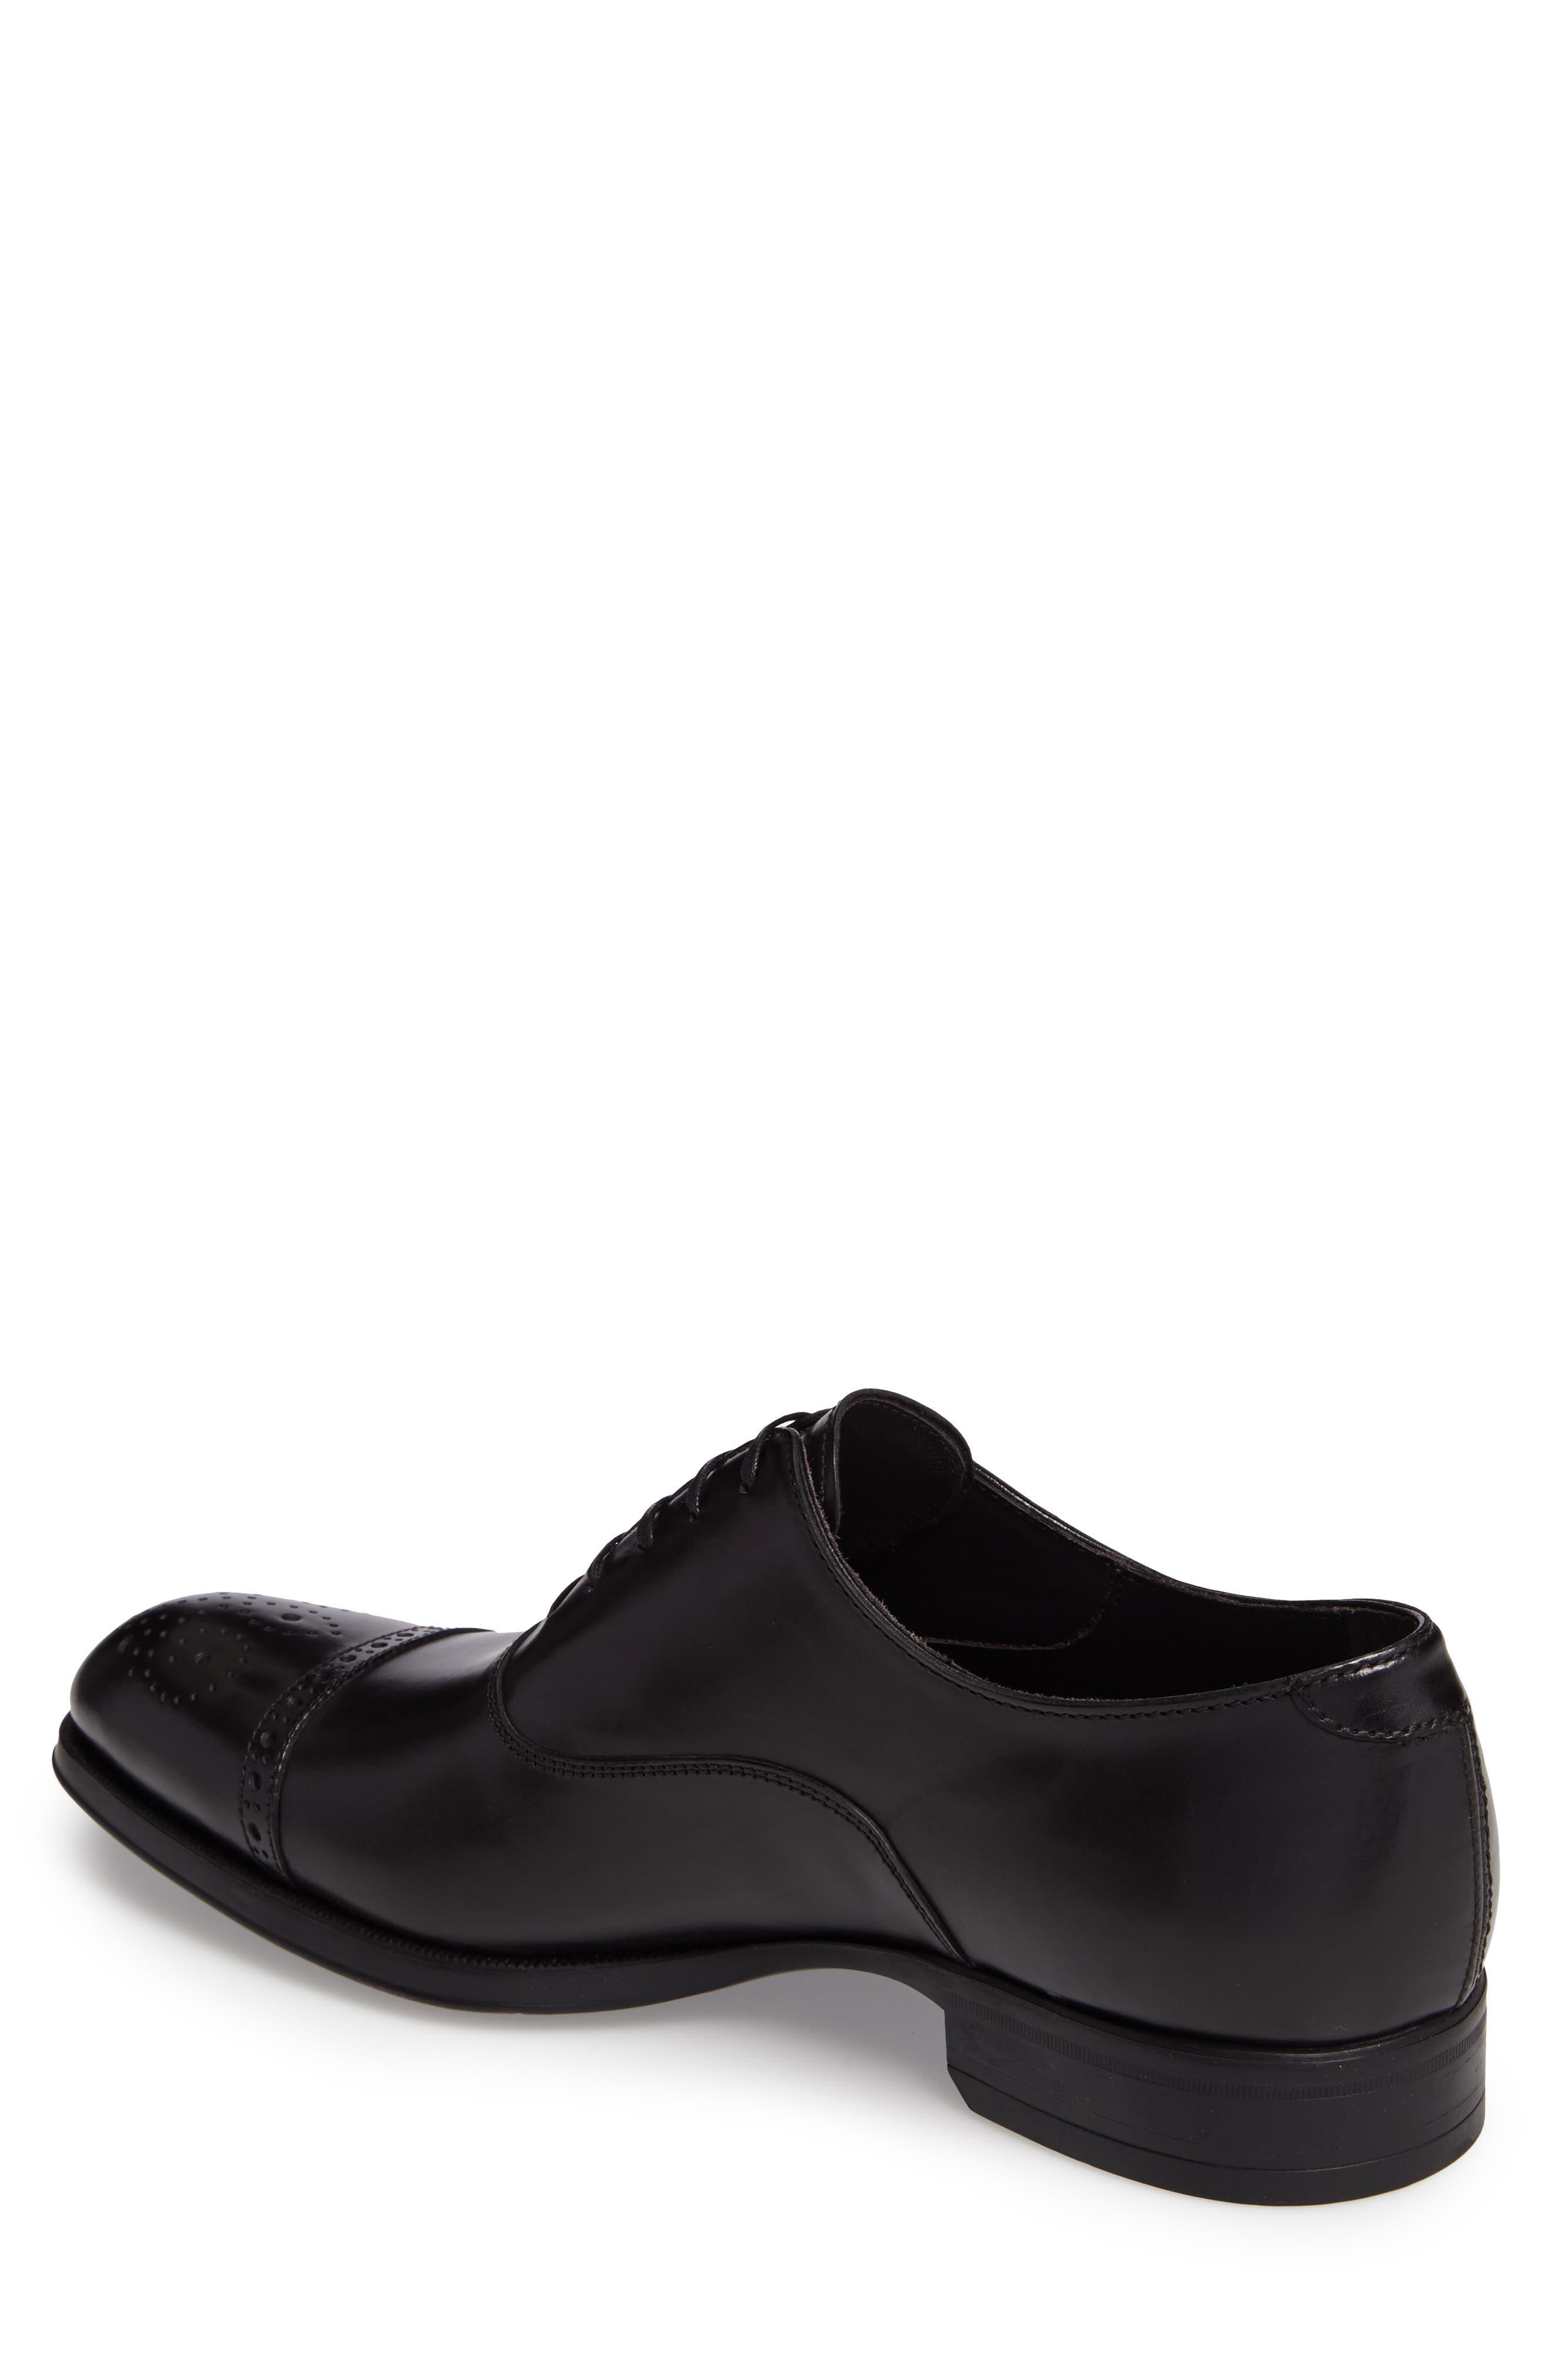 'Justin' Cap Toe Oxford,                             Alternate thumbnail 2, color,                             Black Leather